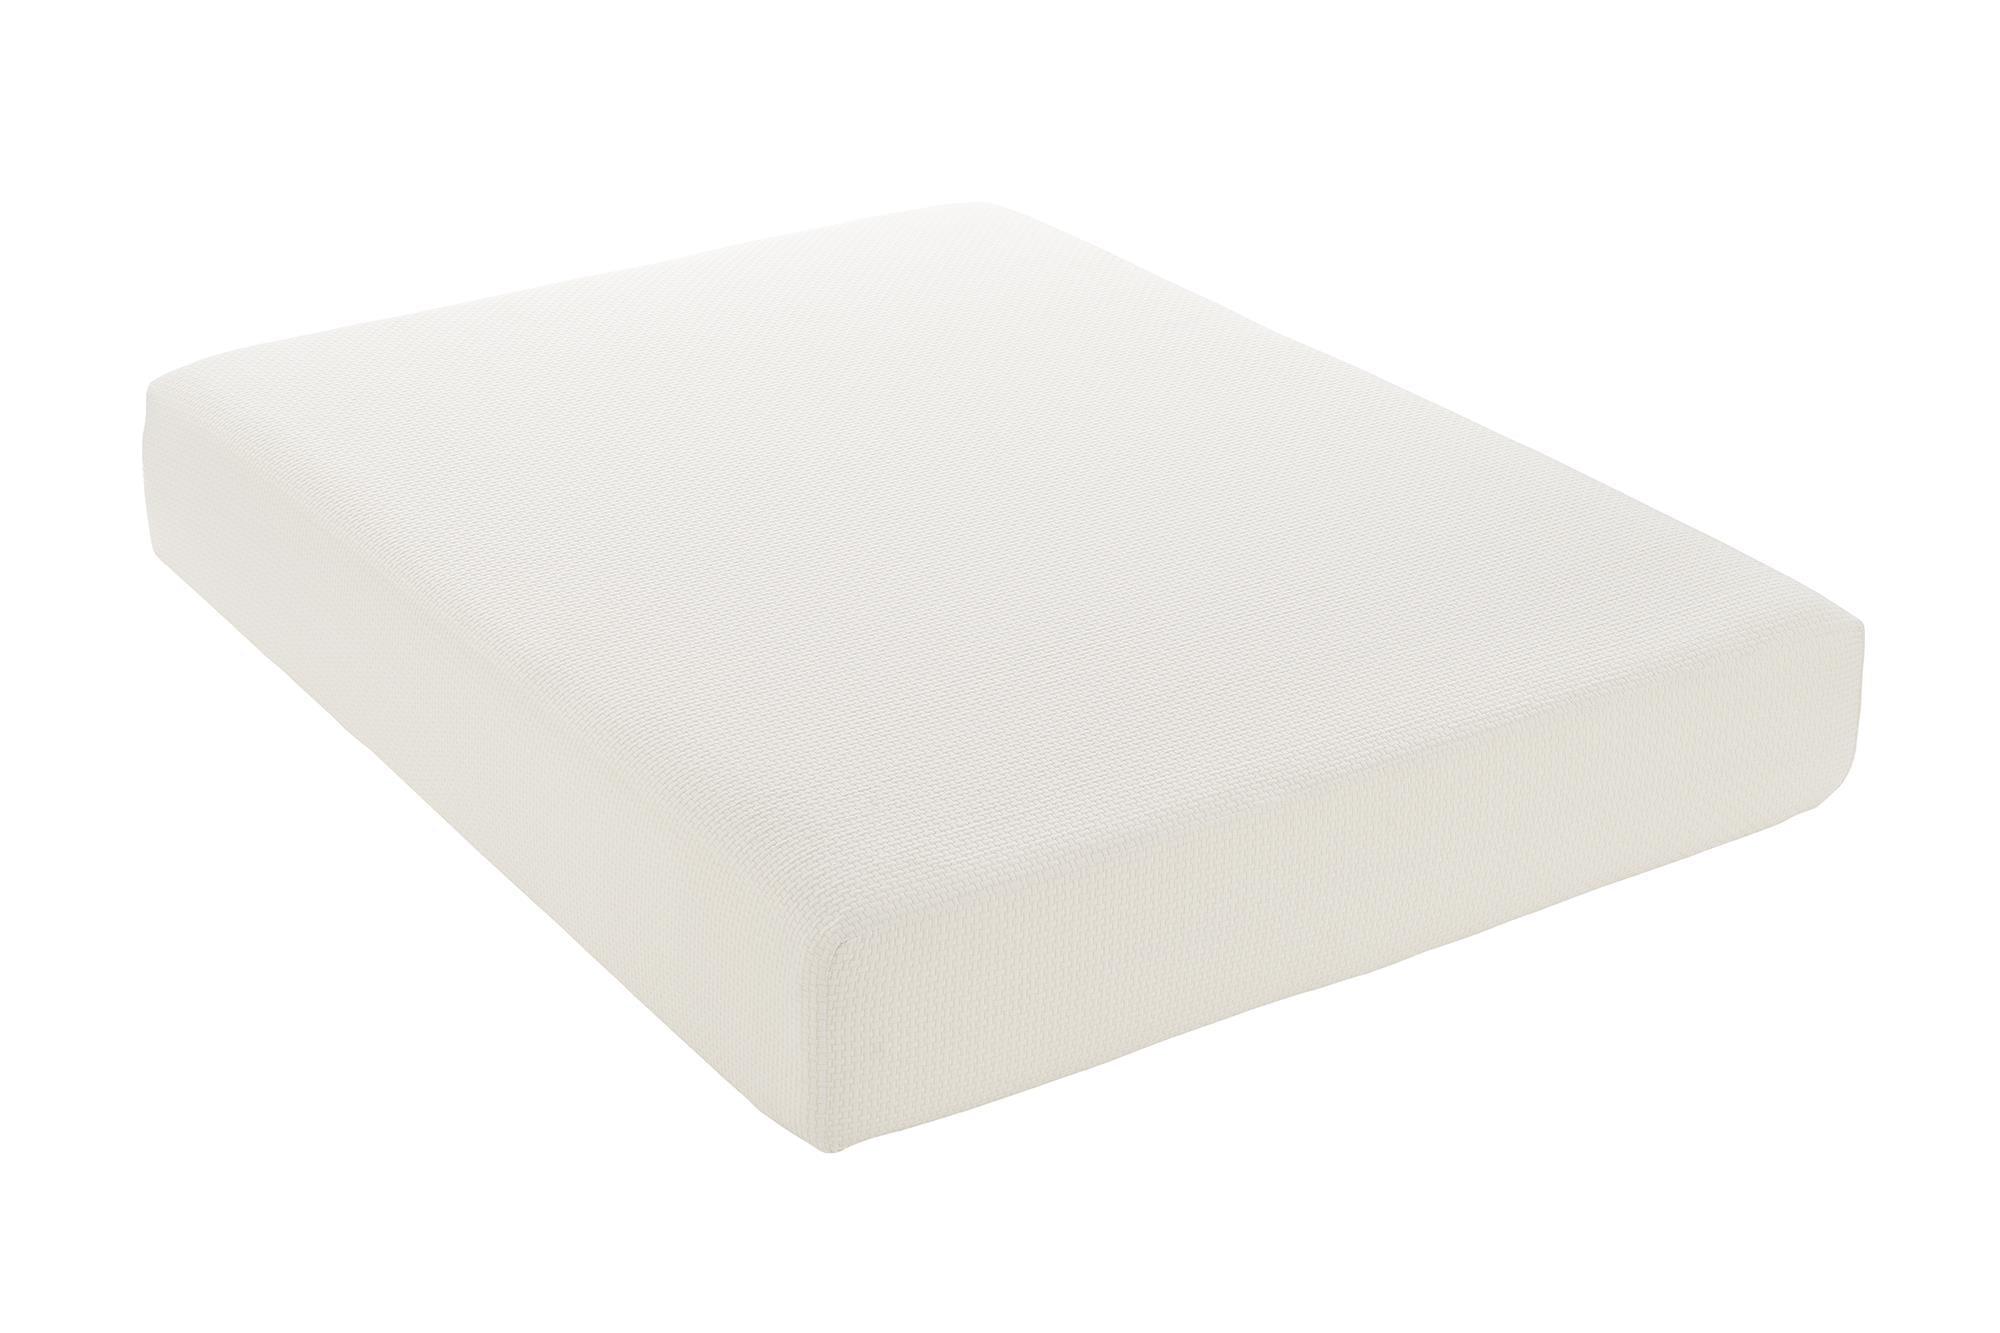 Signature Sleep Gold Certipur Us Inspire 10 Quot Memory Foam